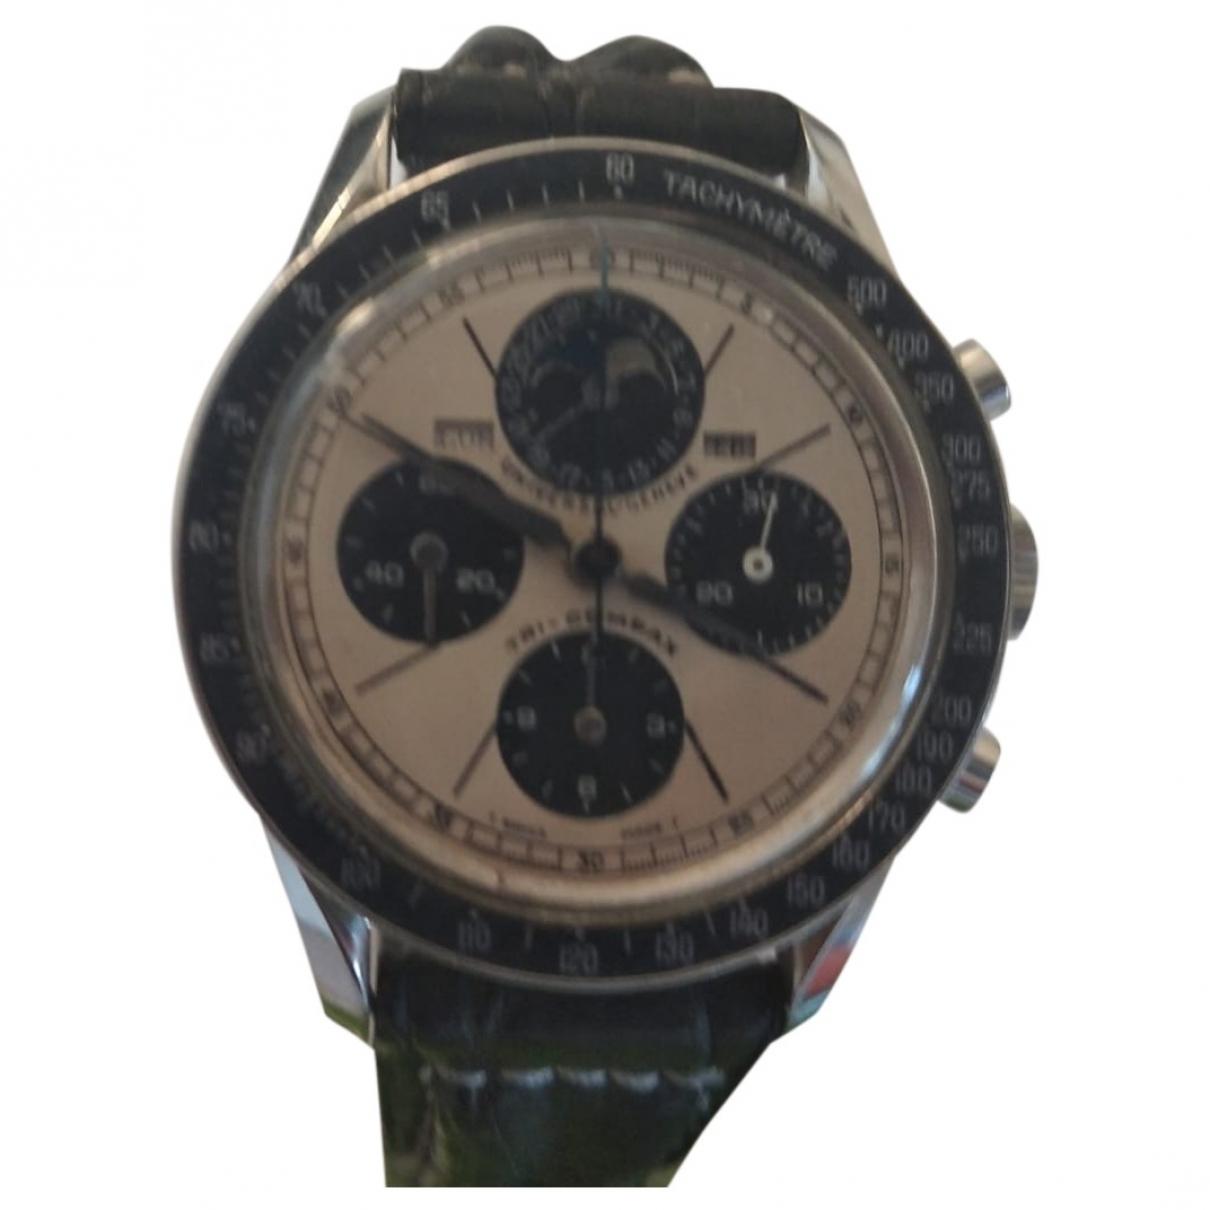 Universal Geneve \N Silver Steel watch for Men \N